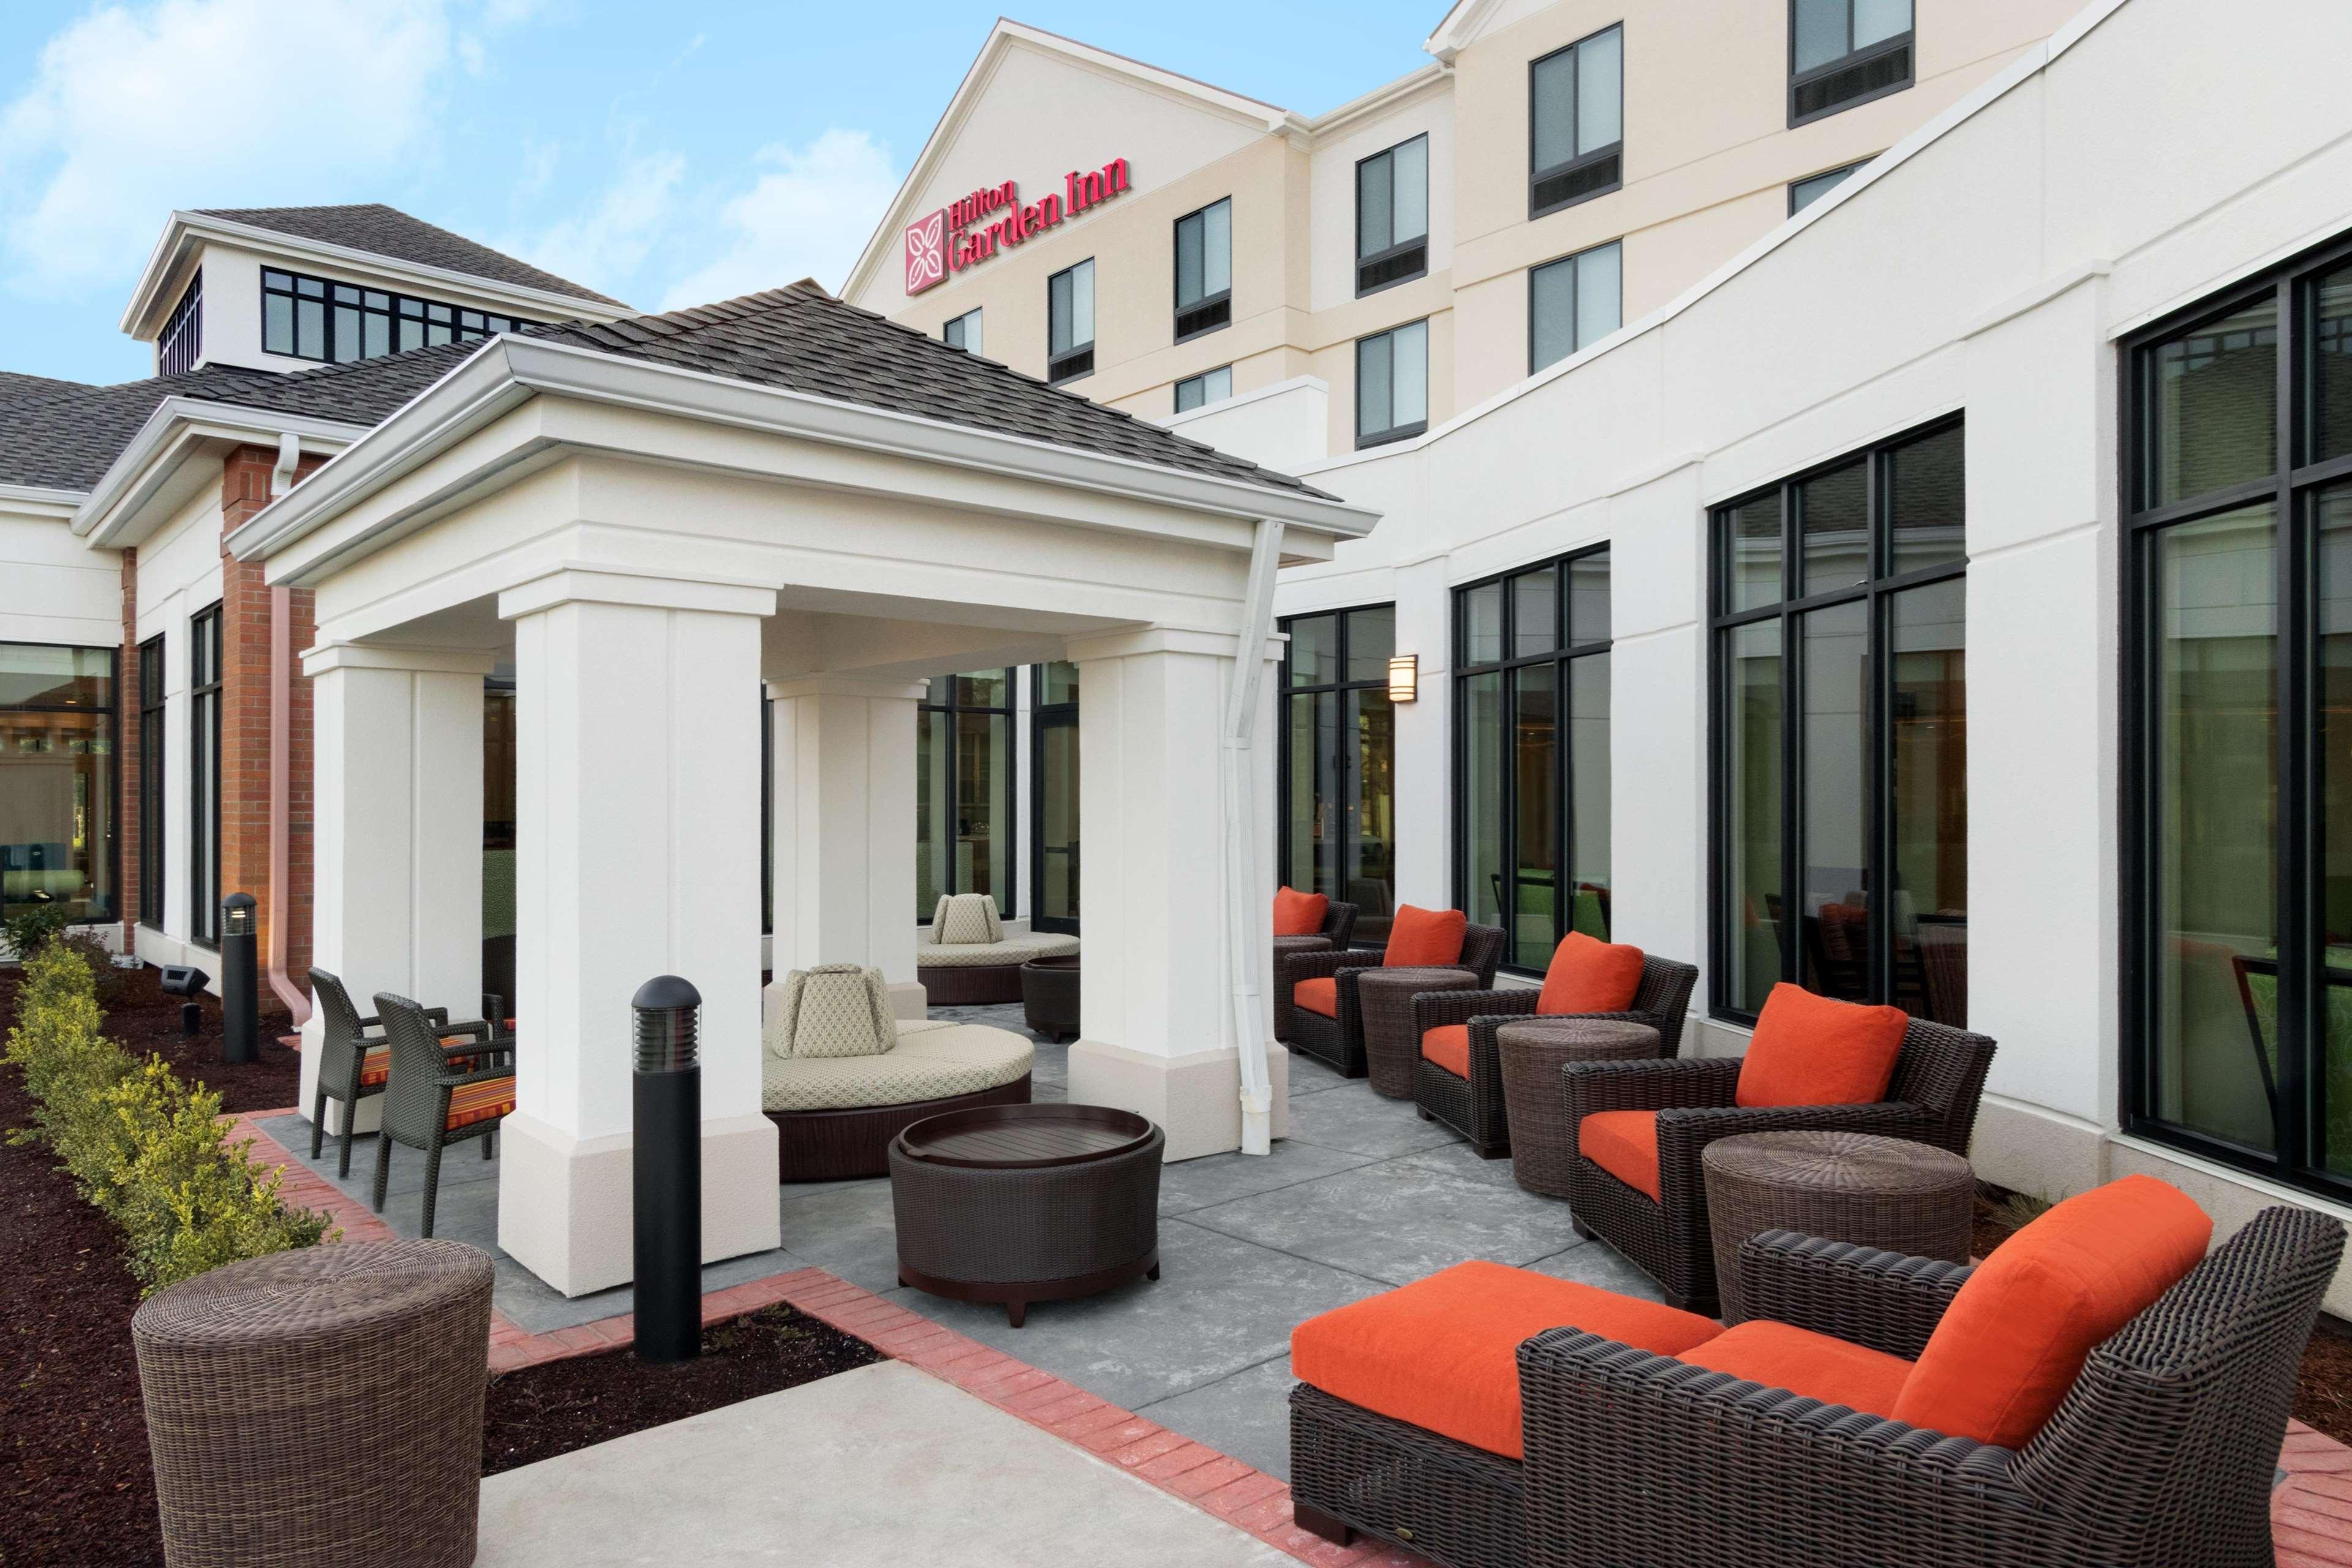 Hilton Garden Inn Medford image 5